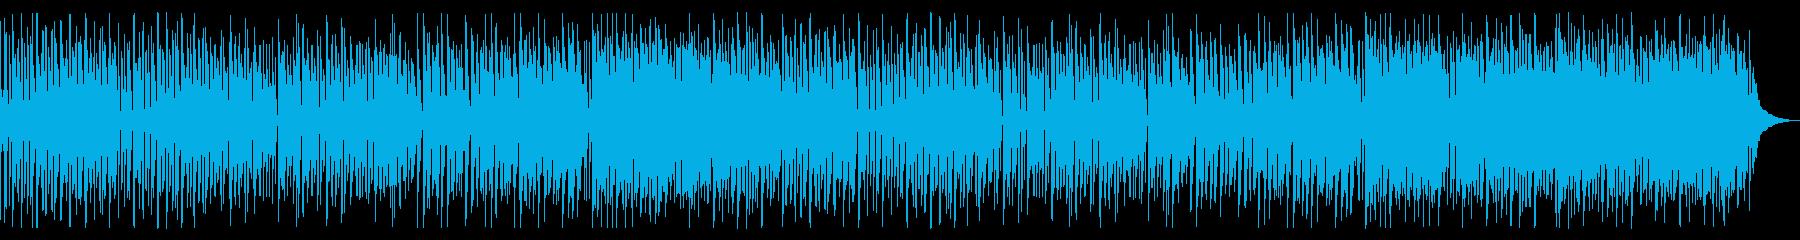 ノリノリなディスコの再生済みの波形